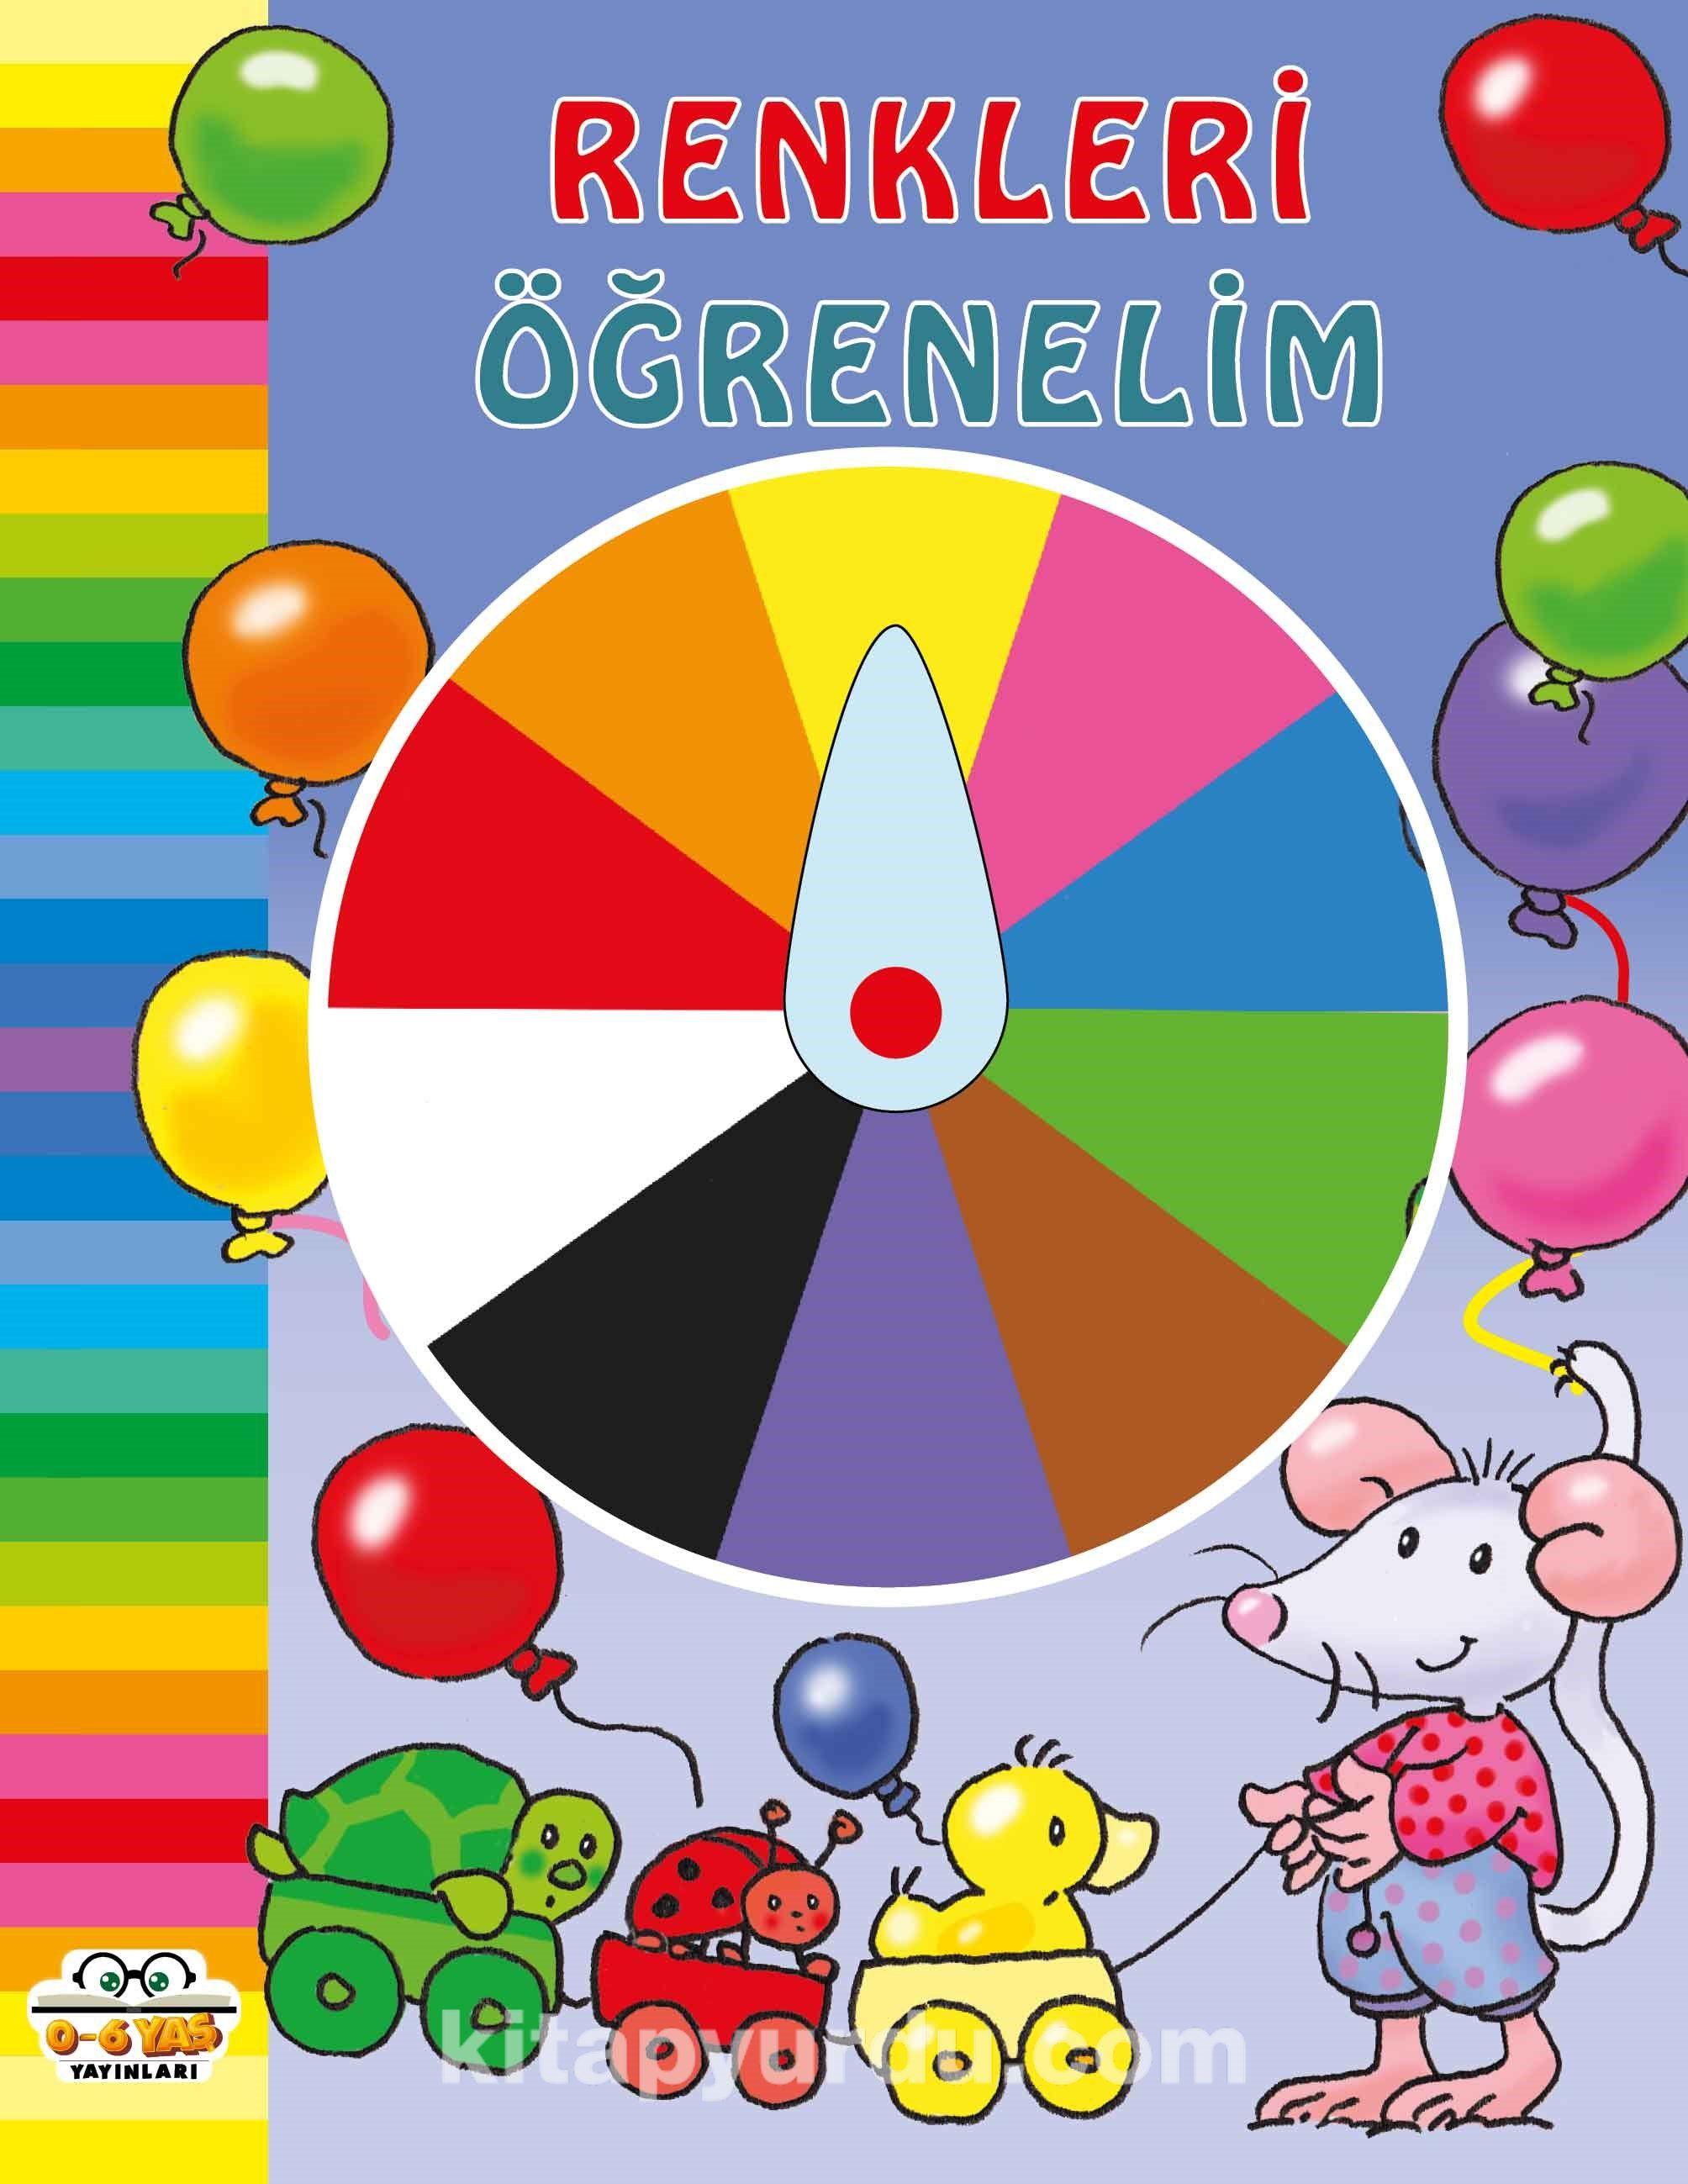 Renkleri Öğrenelim PDF Kitap İndir